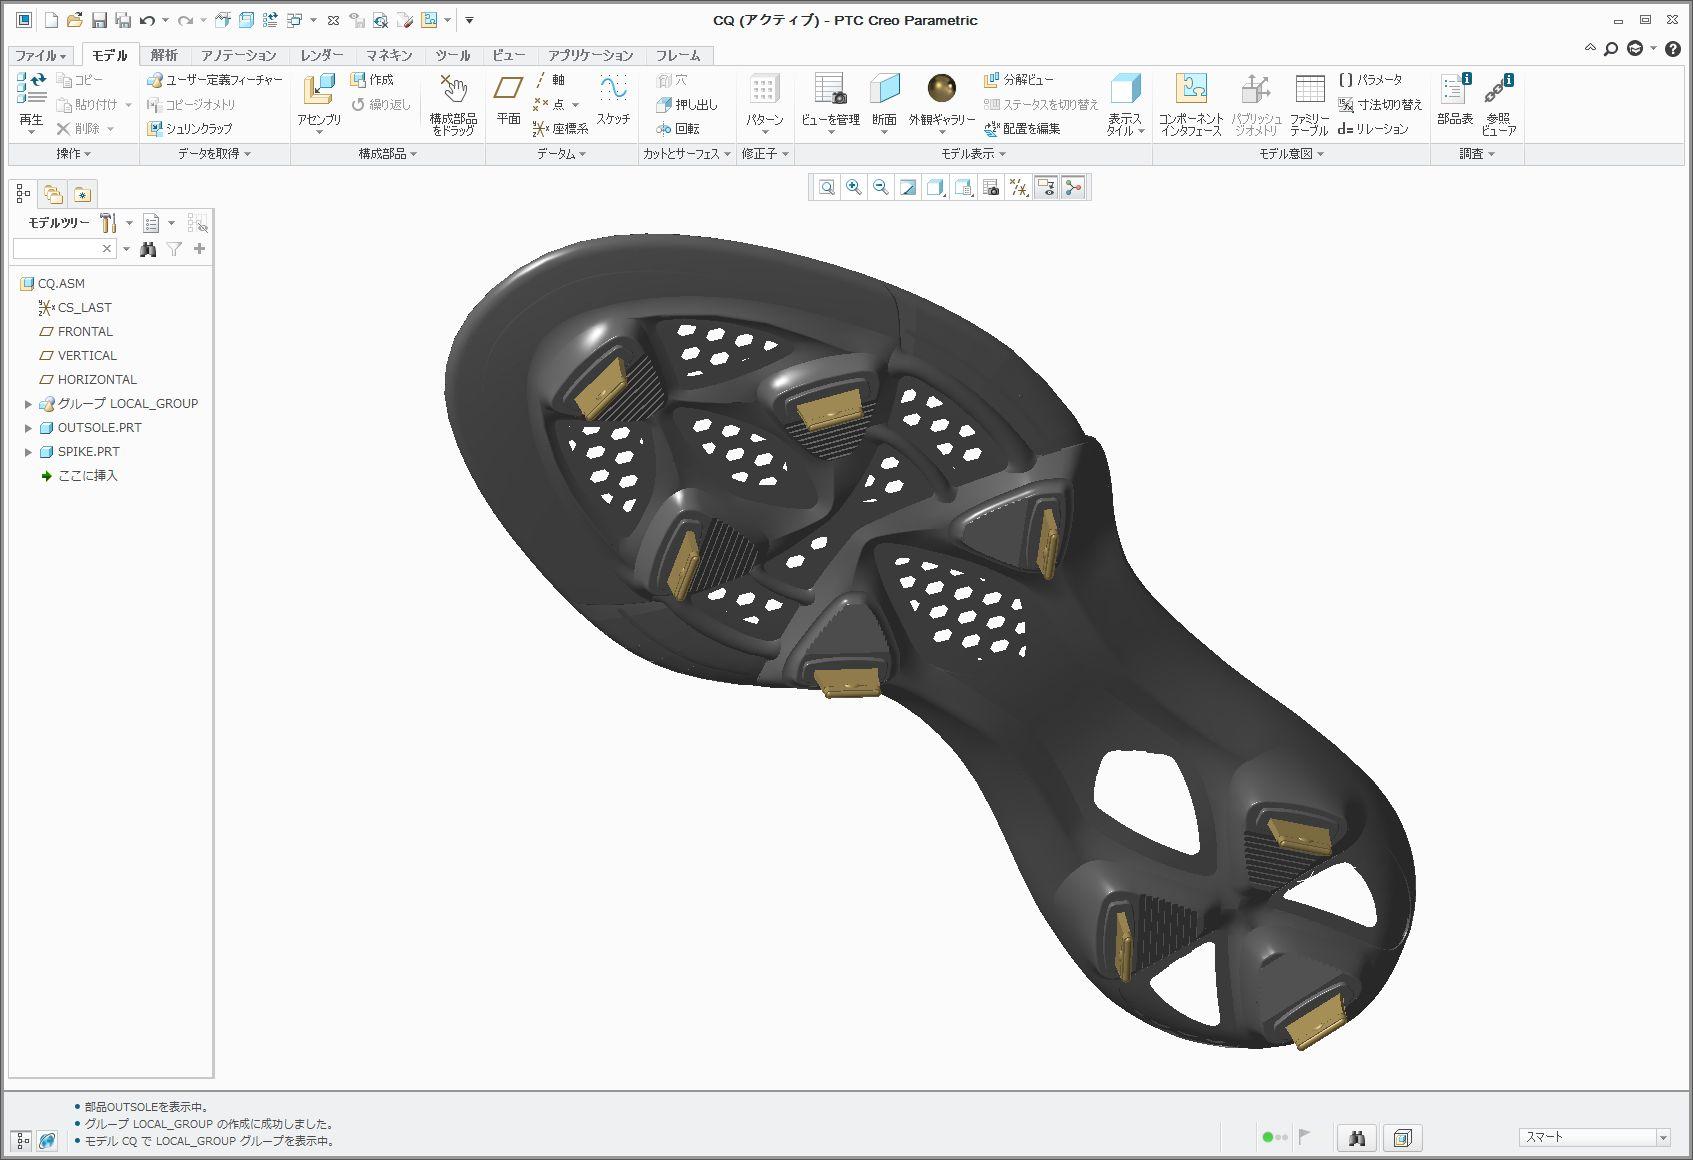 ミズノ株式会社、PTC Creo導入事例 3Dモデリングと解析によるソール(靴底)部分の開発イメージ